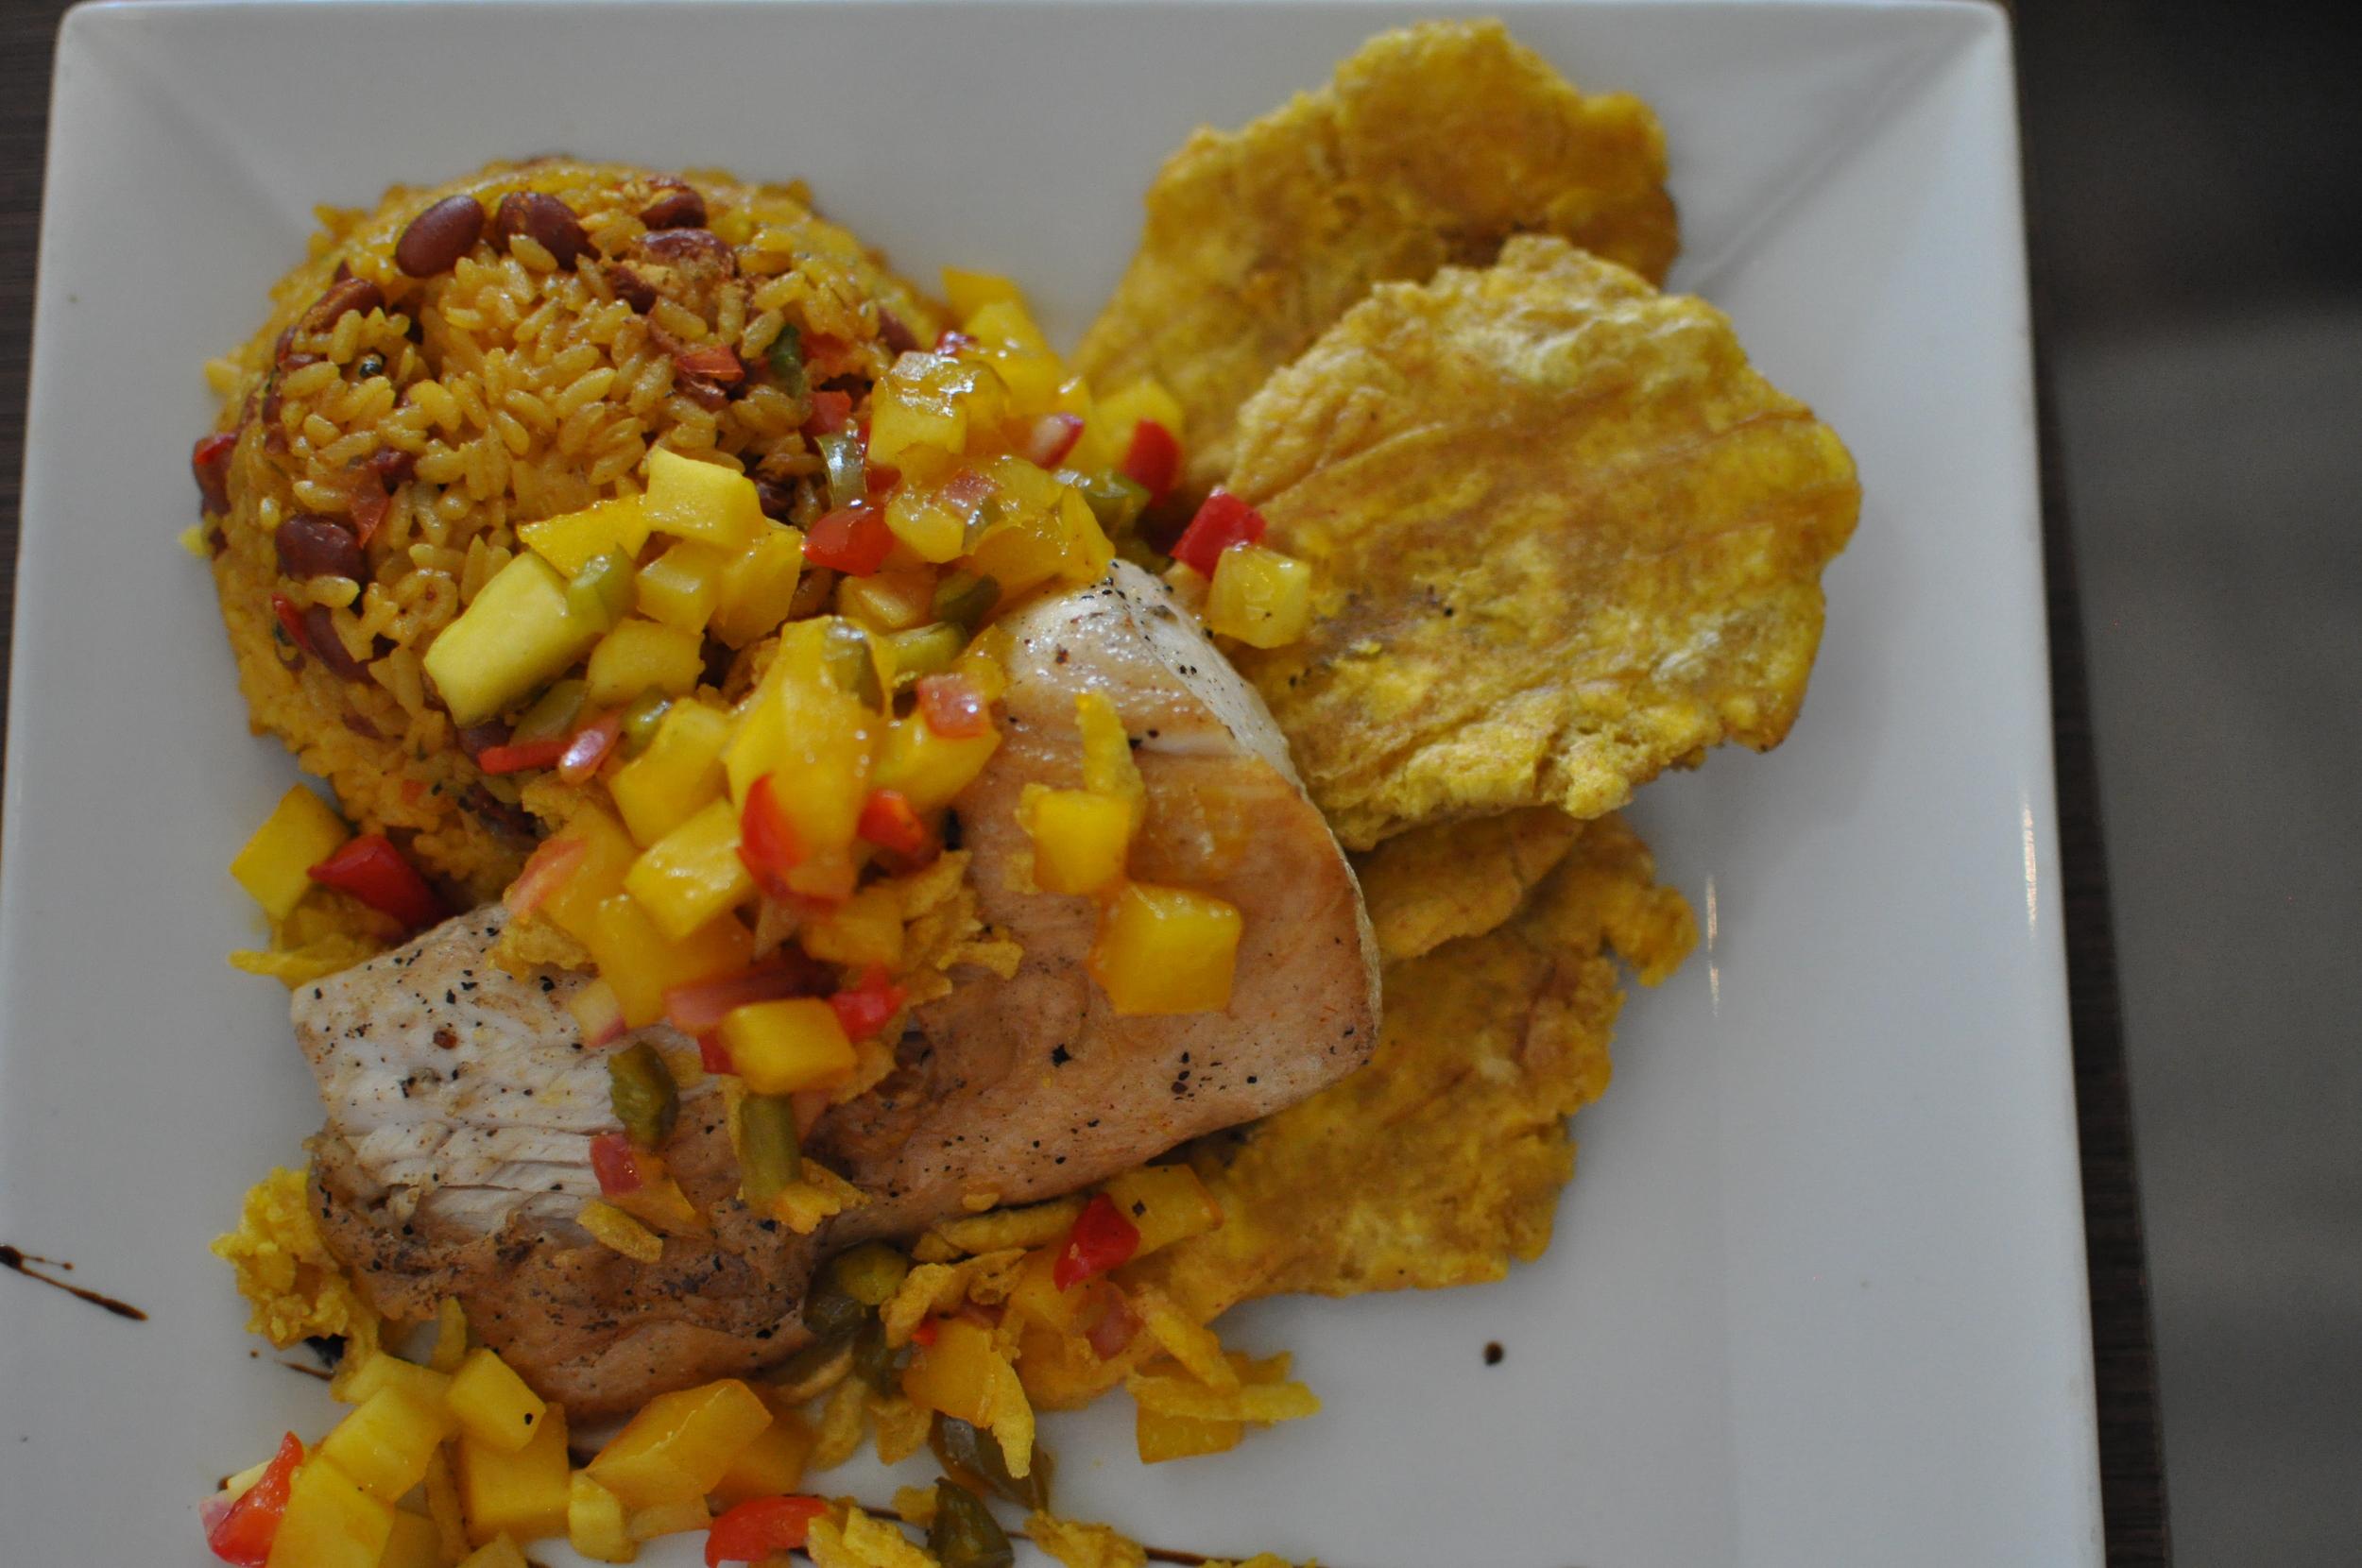 Almorzamos en el restaurante Desecheo, carretera 107 km. 2.9 en la avenida Pedro Albizu Campos. Probamos el mamposteao' confilete de dorado y tostones, también el mofongo relleno de churrasco; de postre, flan de queso. Luego,estábamos listos para una siesta. Foto: Pamy Rojas